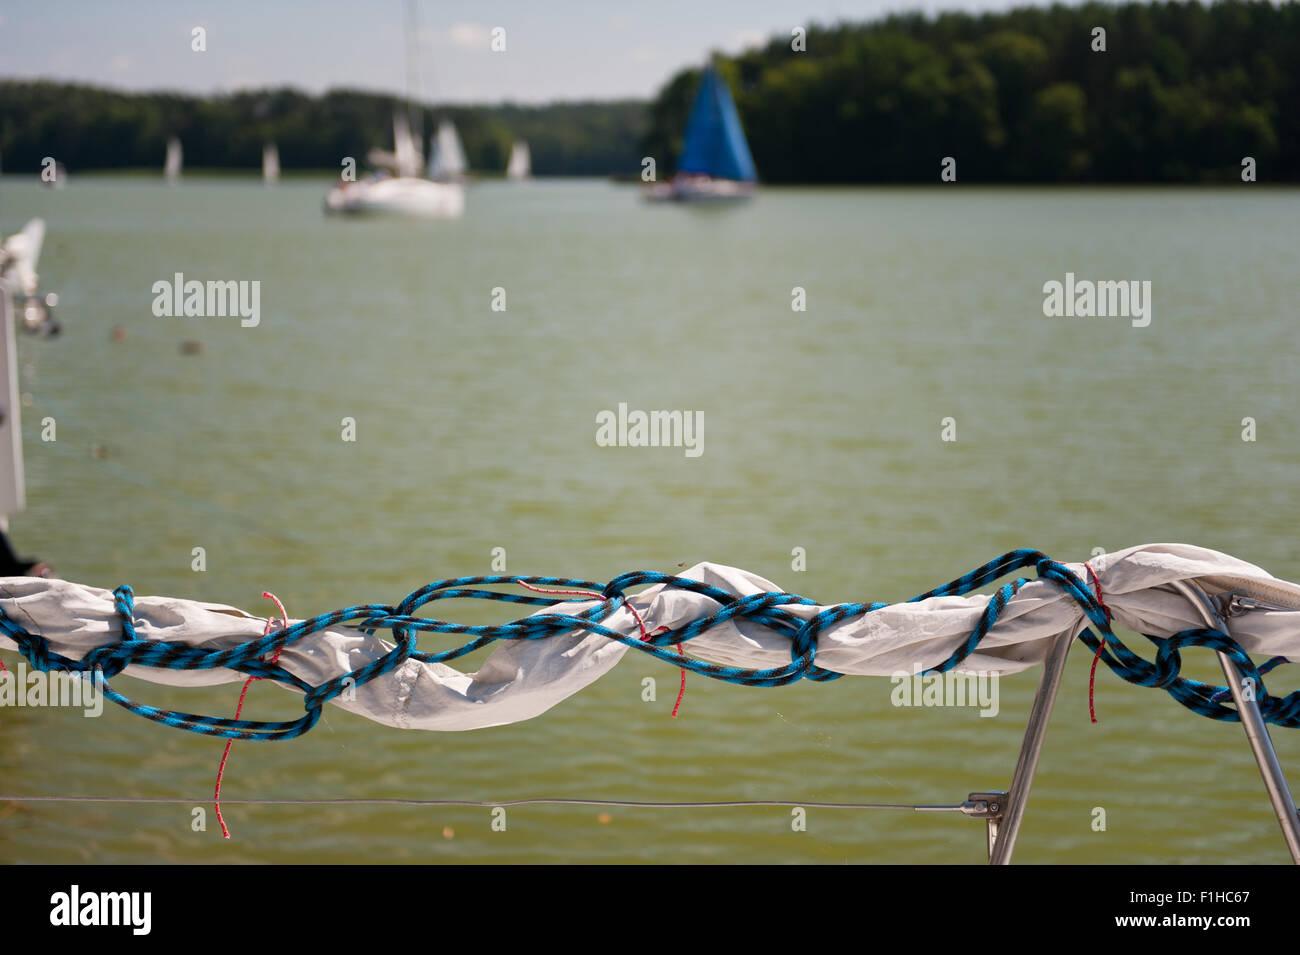 Rolled up mast sail material at Masuria - Stock Image